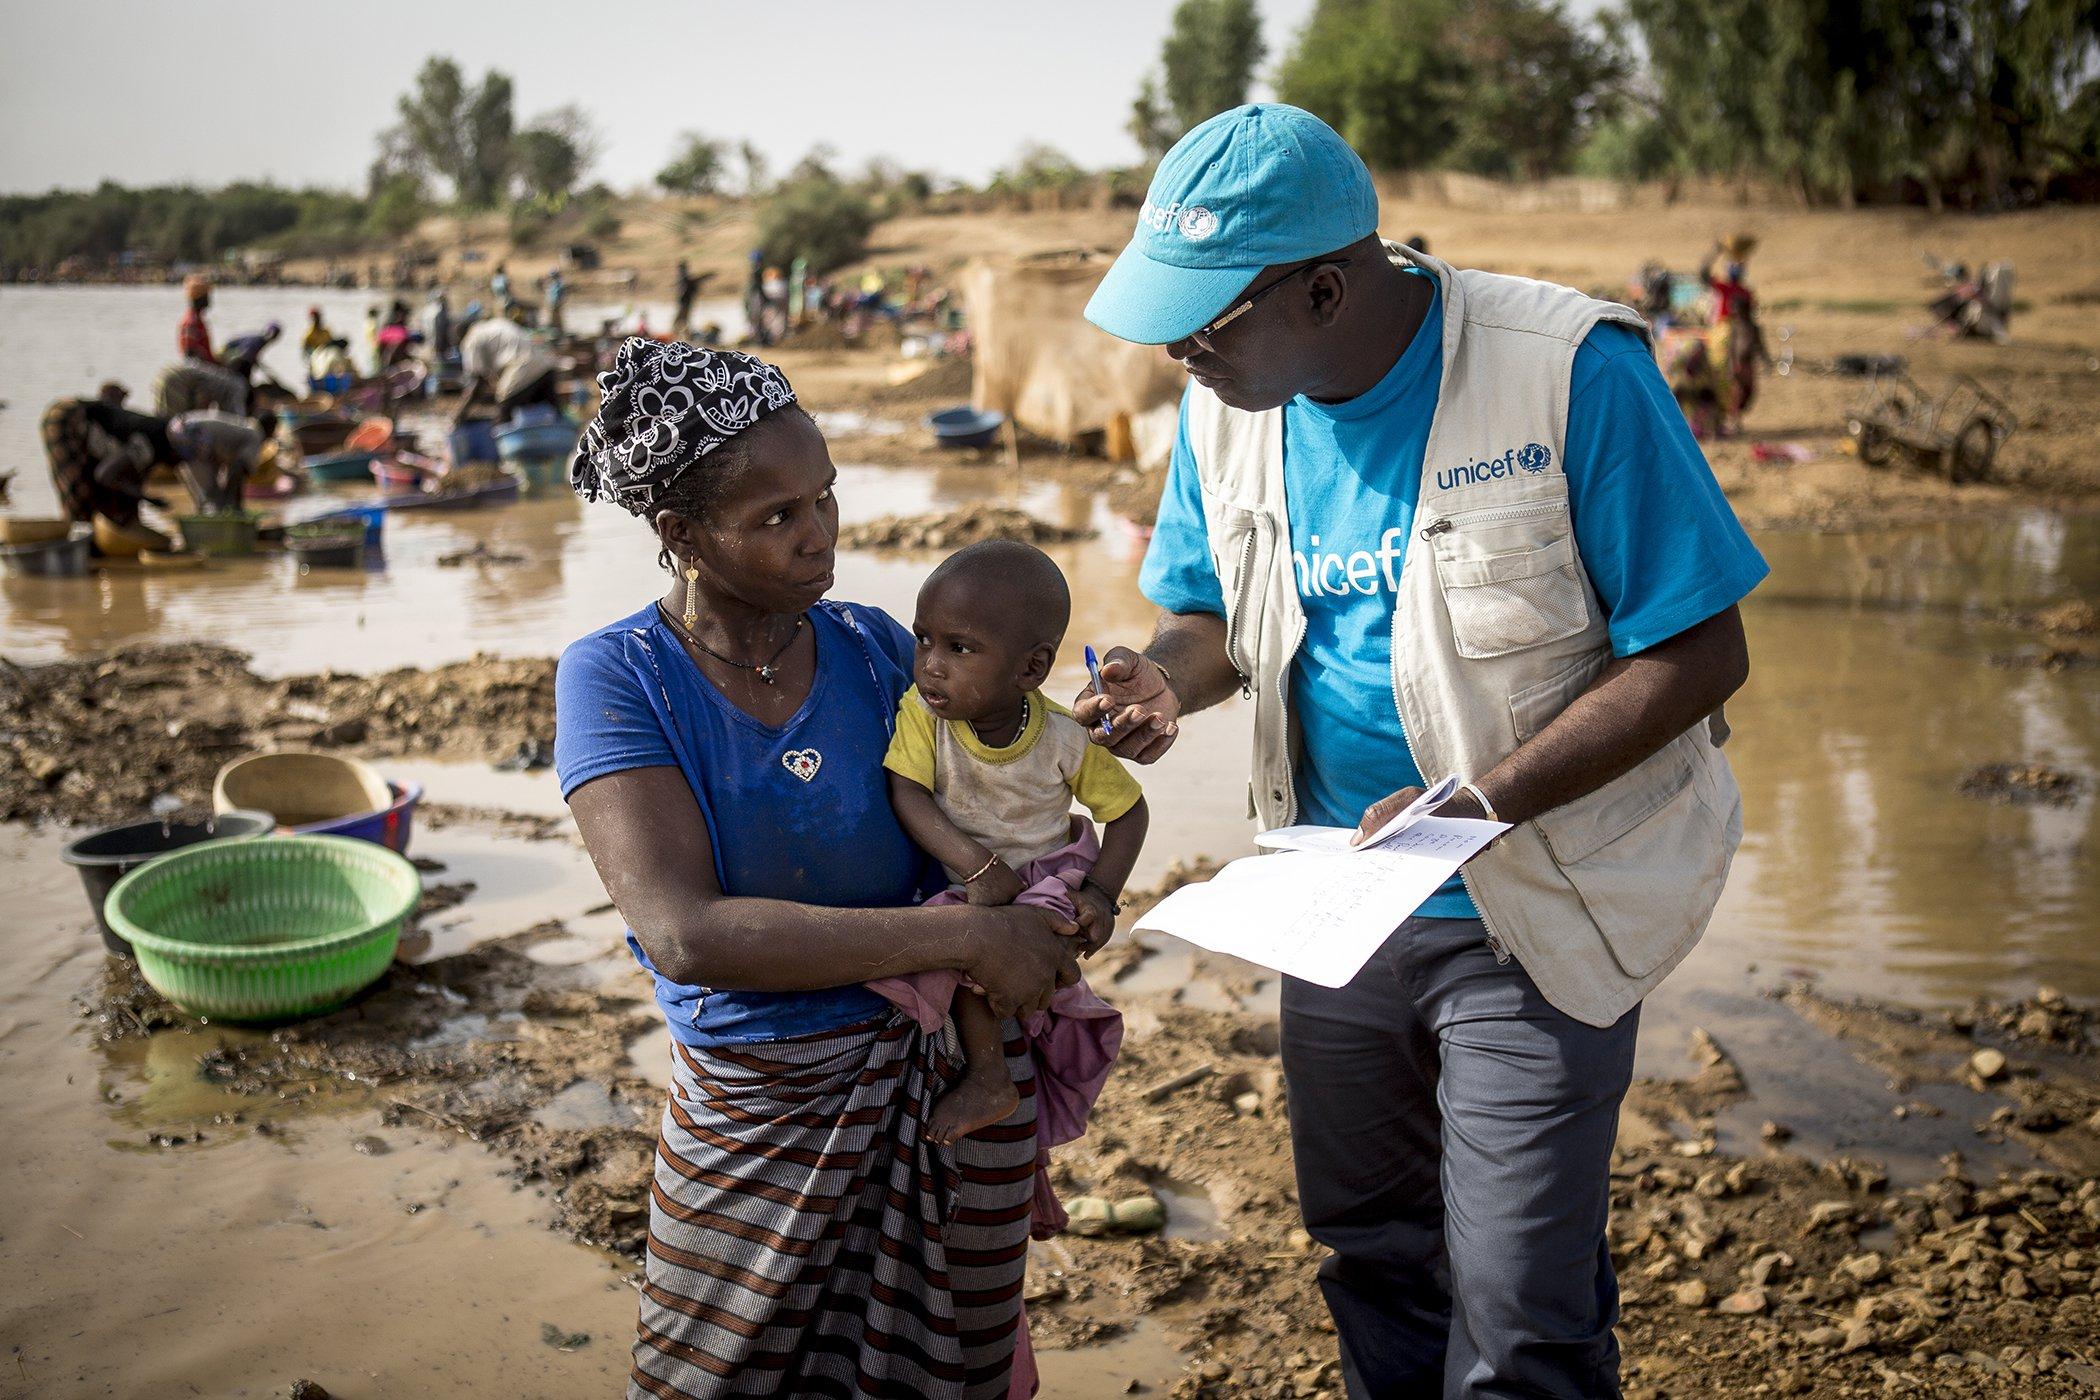 World-Immunization-Week-Vaccines-Children-009.jpg